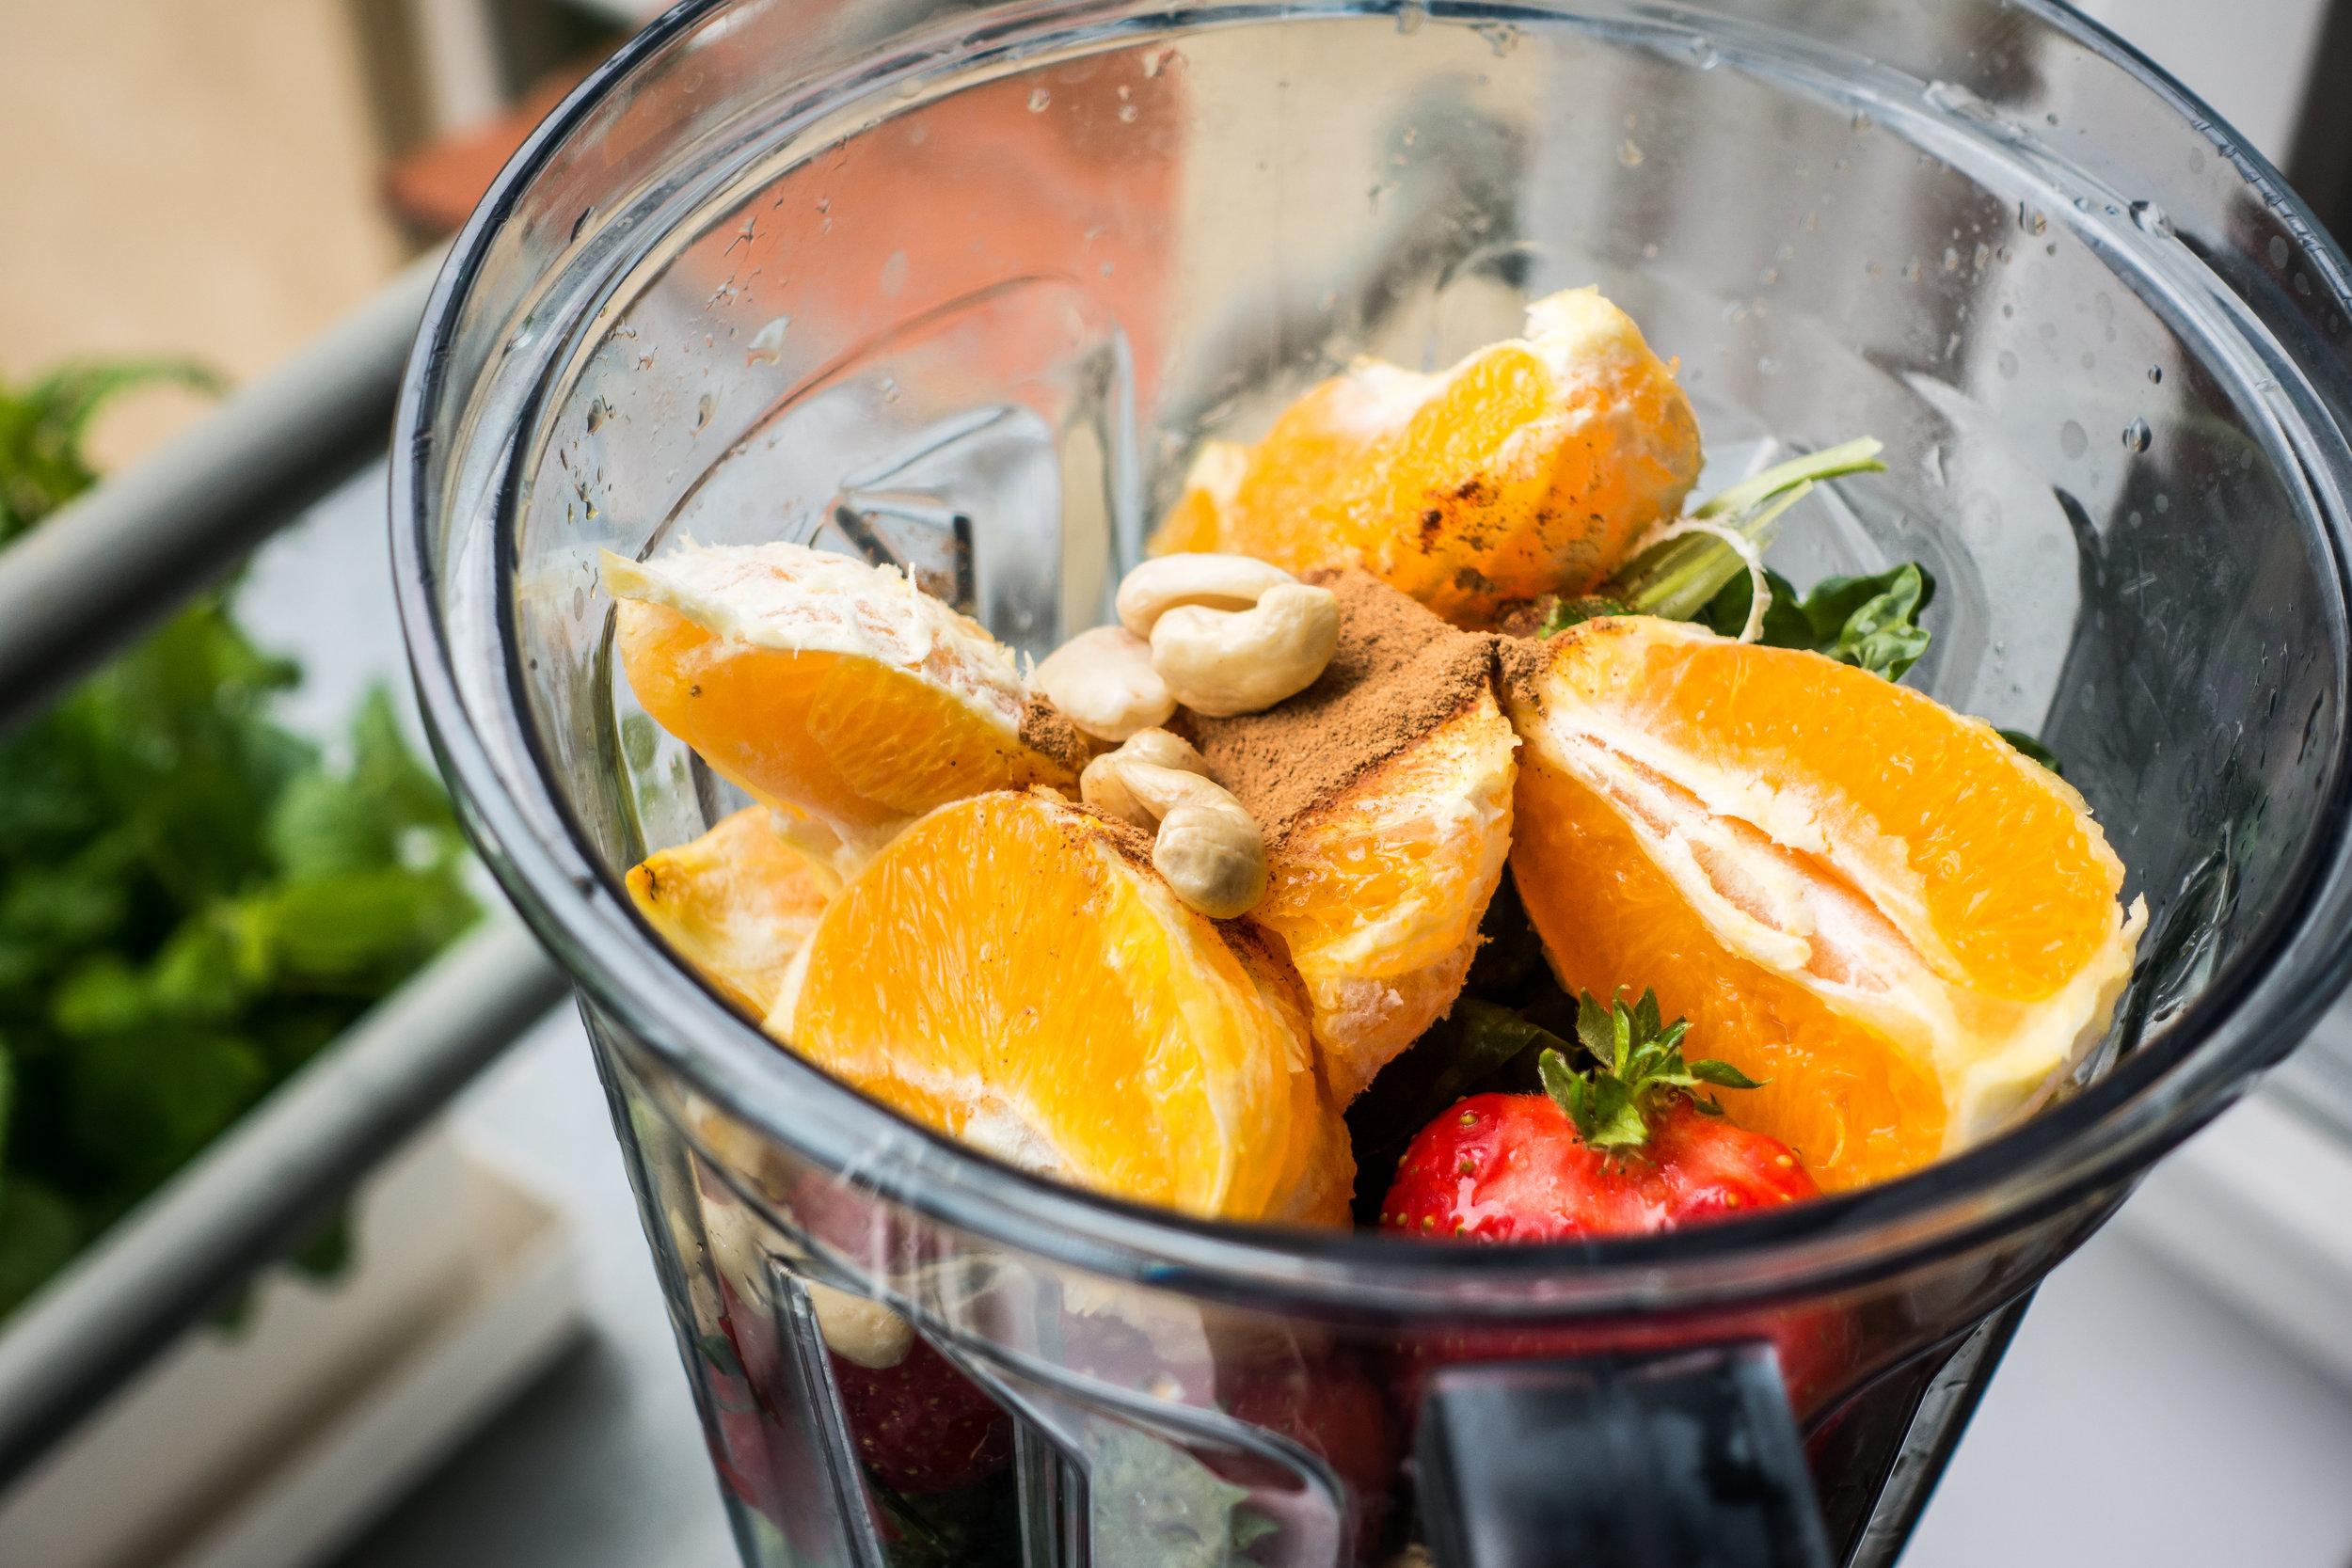 foodiesfeed.com_healthy-smoothie-ingredients.jpg